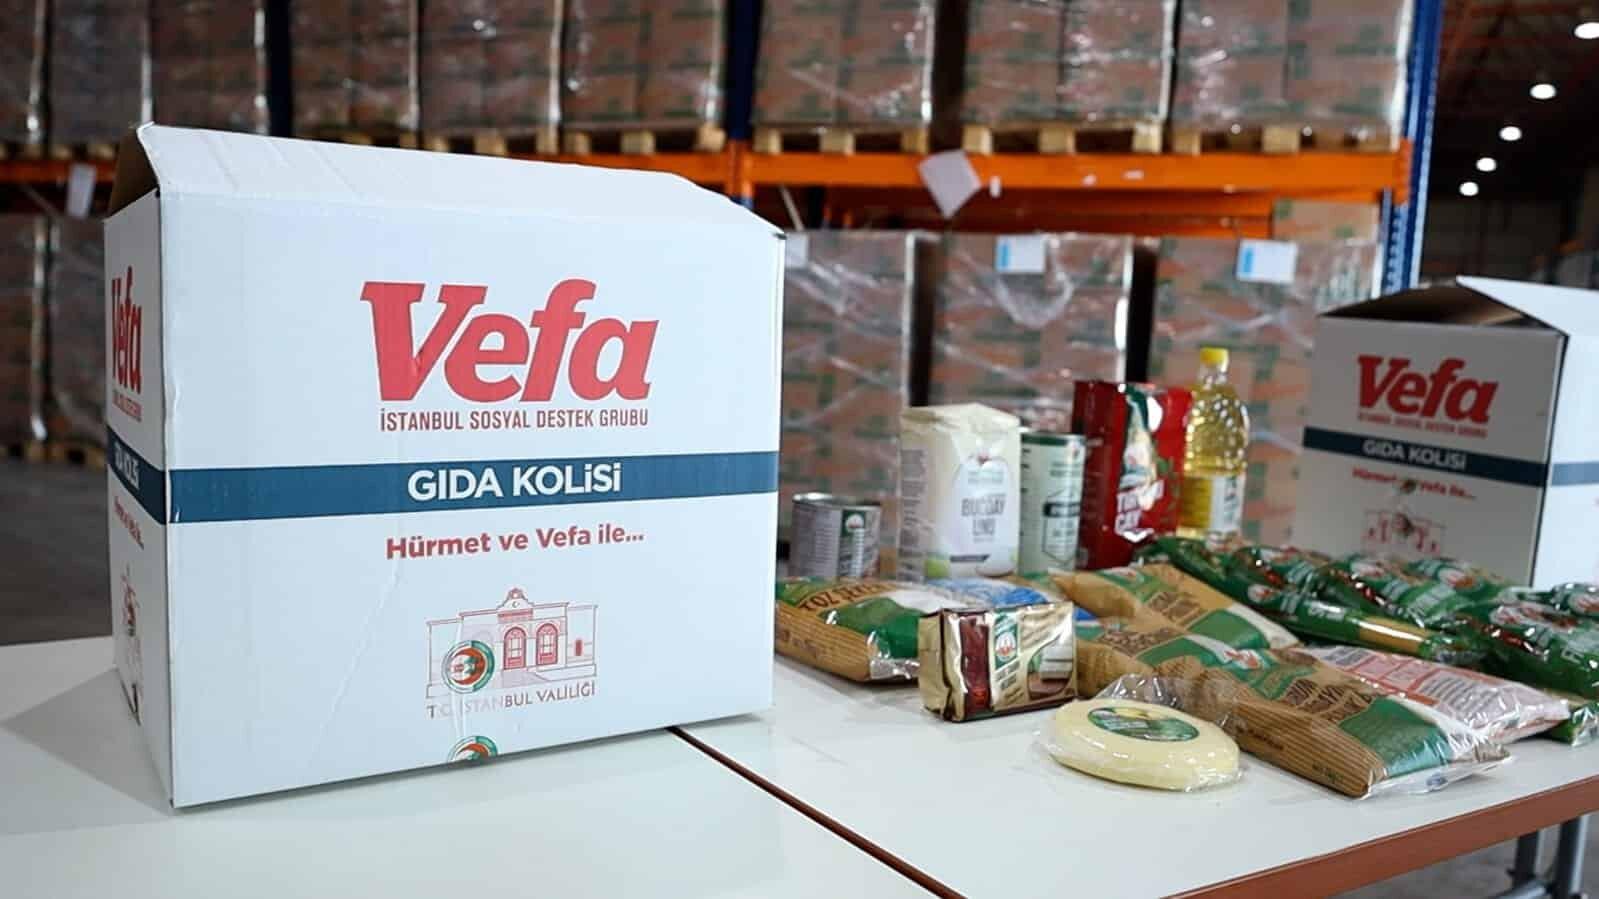 İstanbul valisi ali yerlikaya, vefa sosyal destek çalışmaları kapsamında hazırlanan 150 bin gıda kolisi dağıtımı için iki aileyi ziyaret etti.